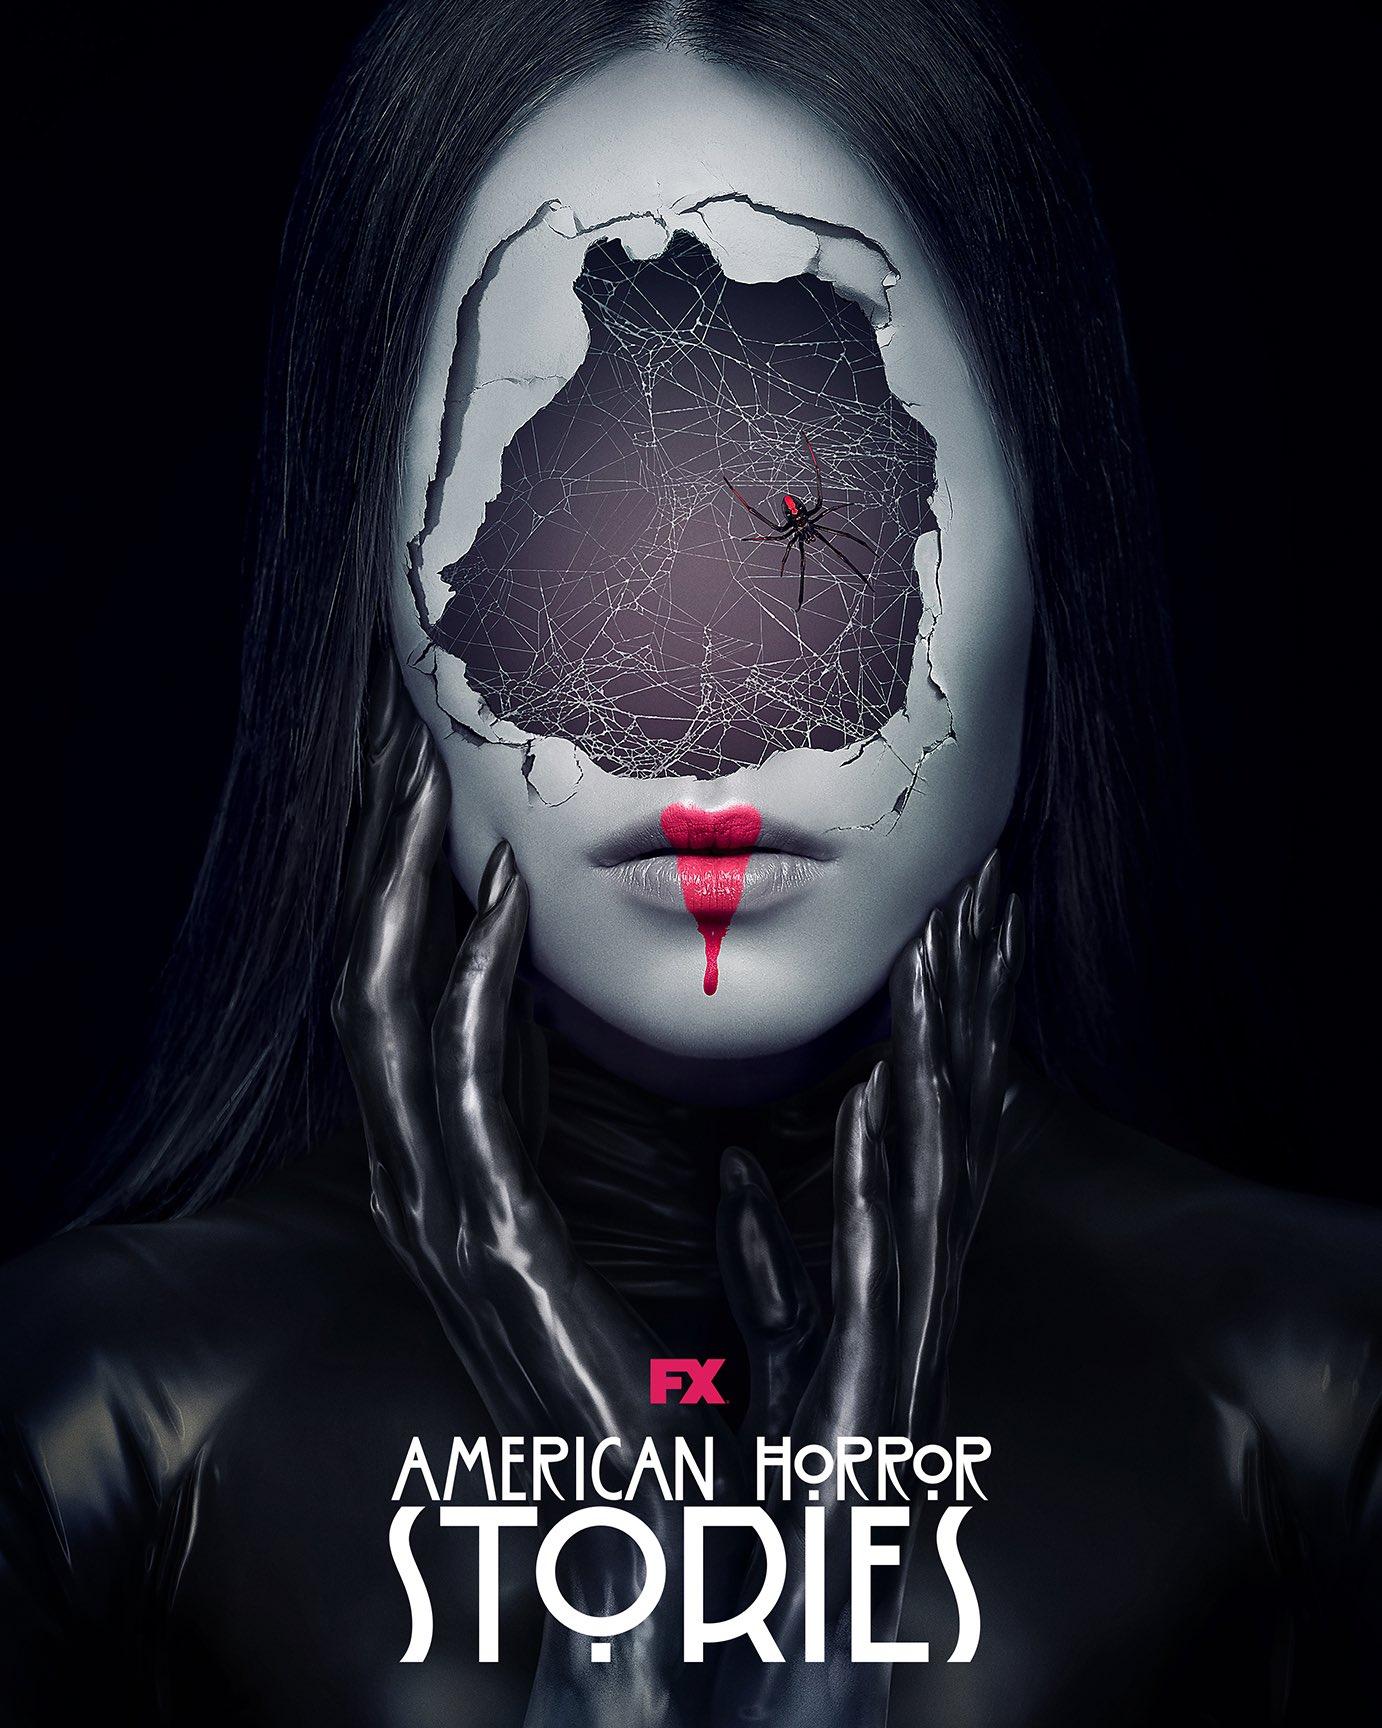 《美国恐怖故事》第十季海报 女人破碎之脸让人胆寒